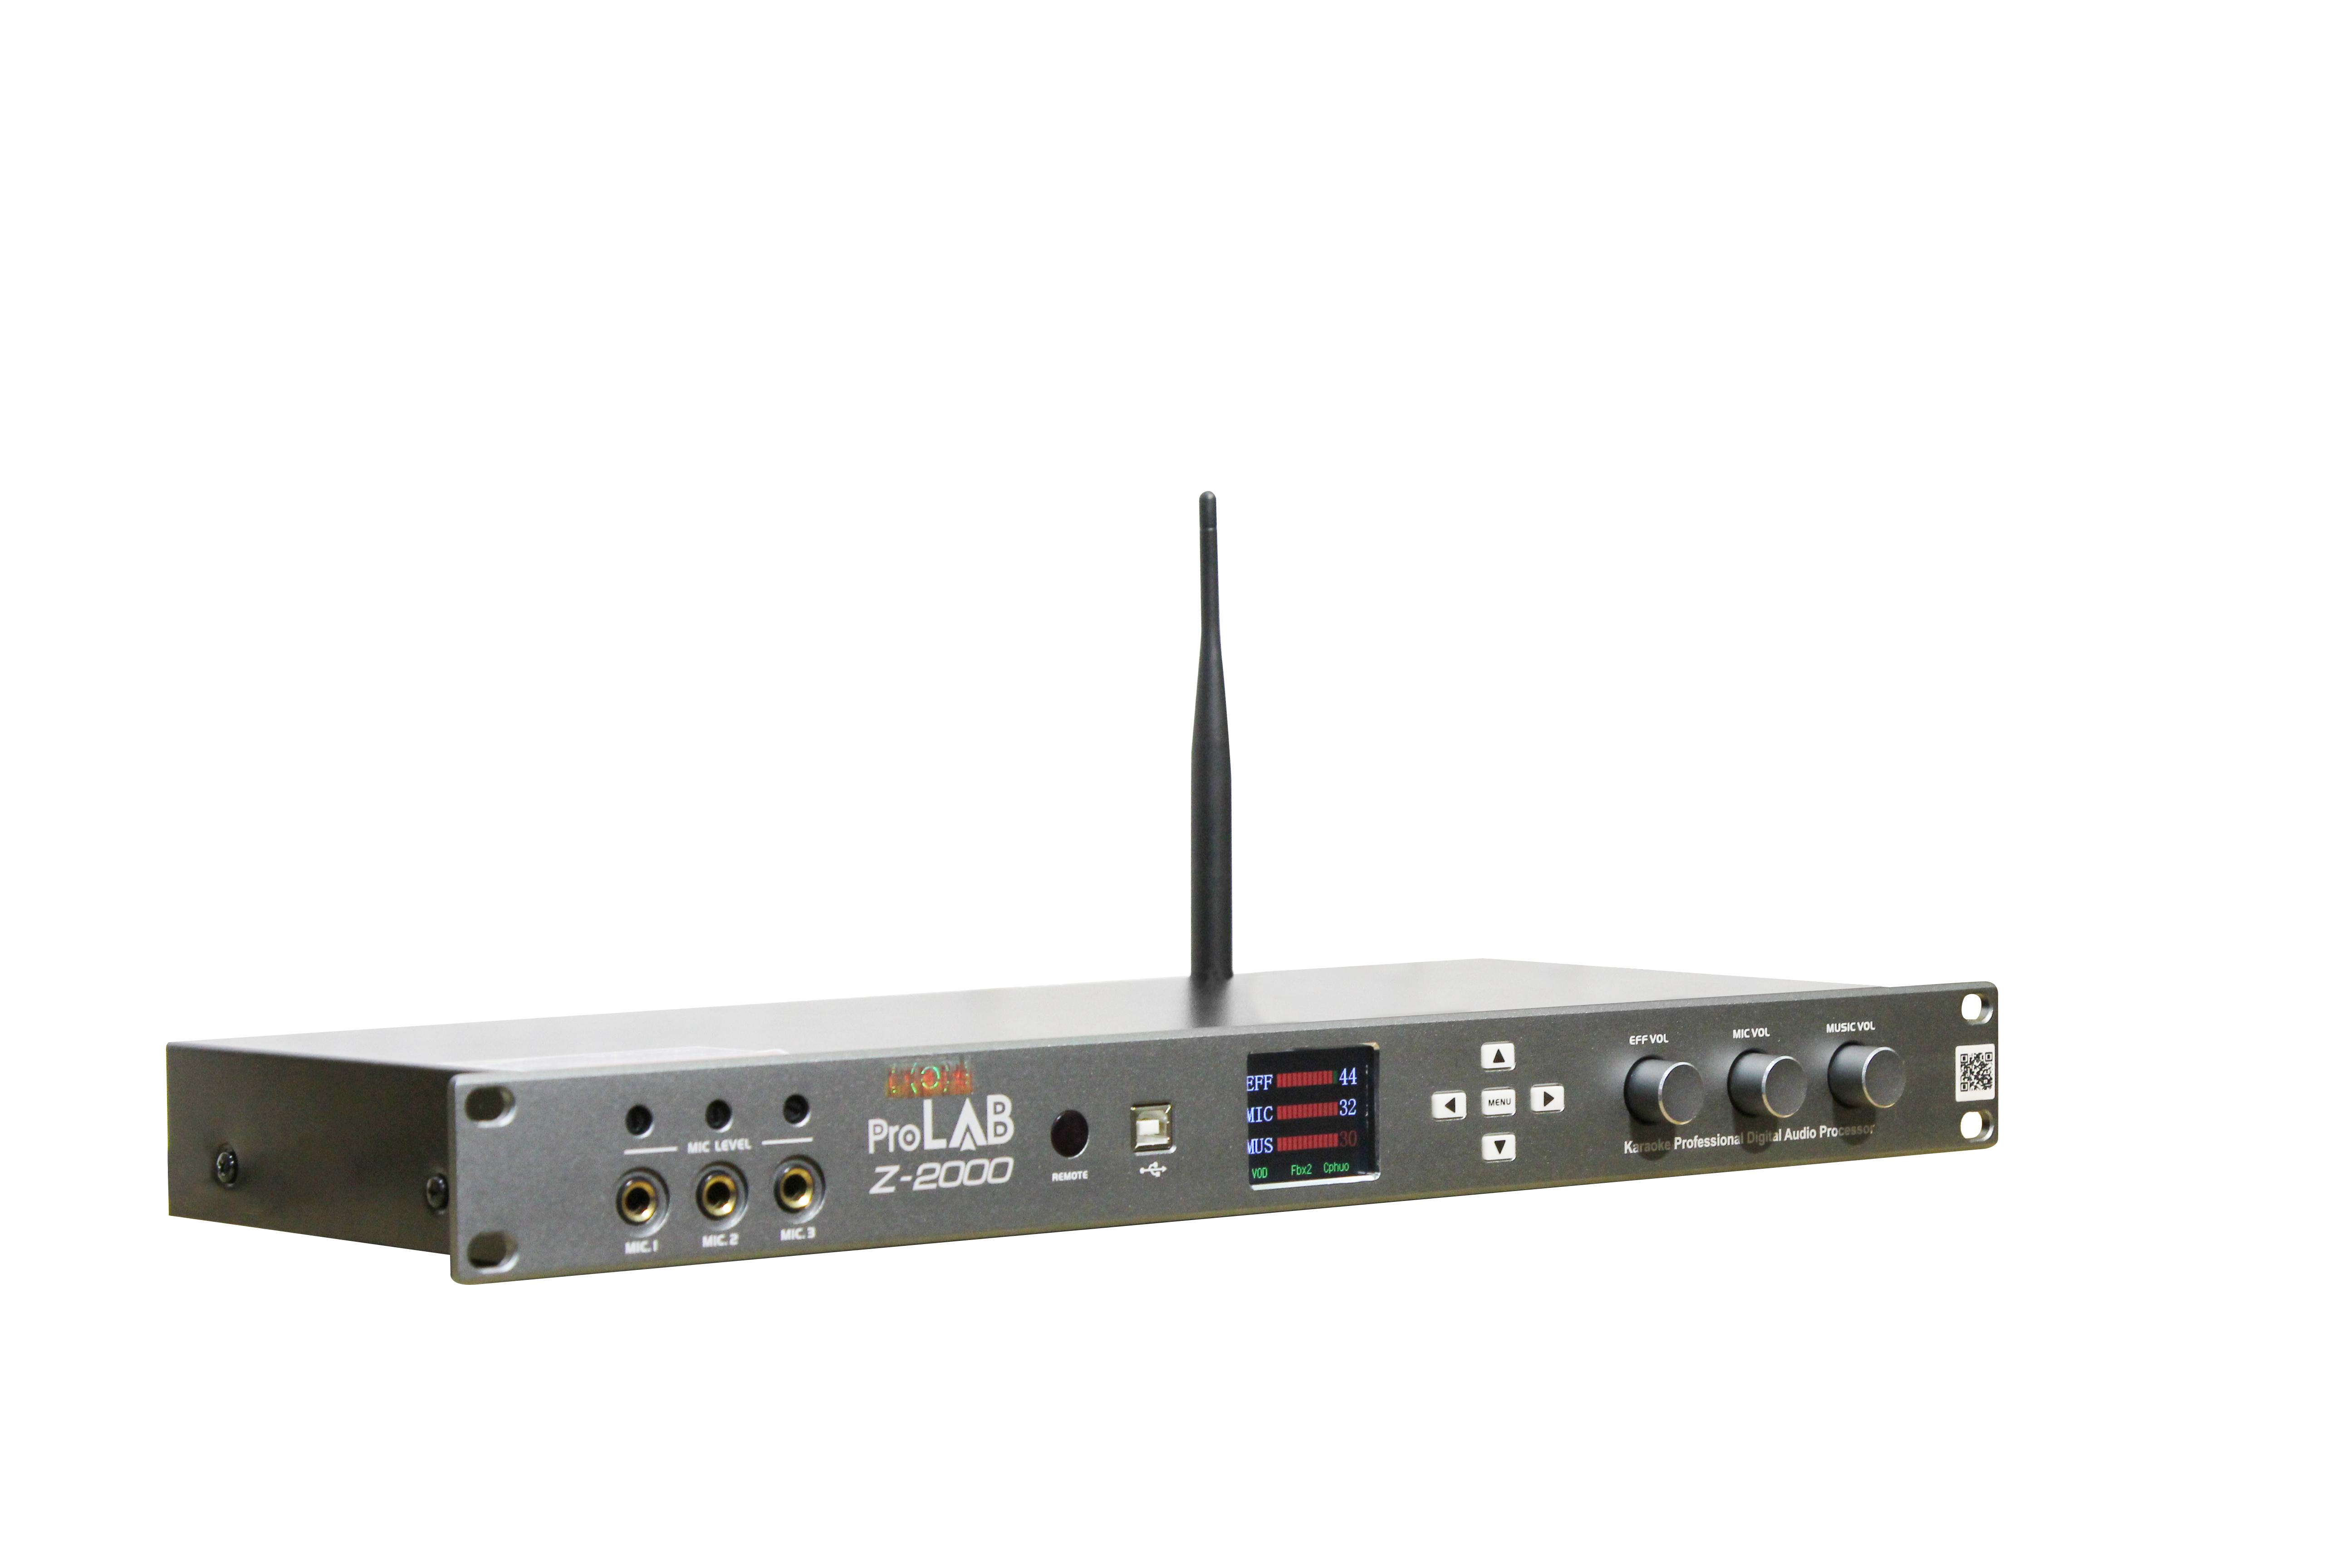 Vang số - Mixer ProLAB DSP-Z2000 | Hàng nhập khẩu